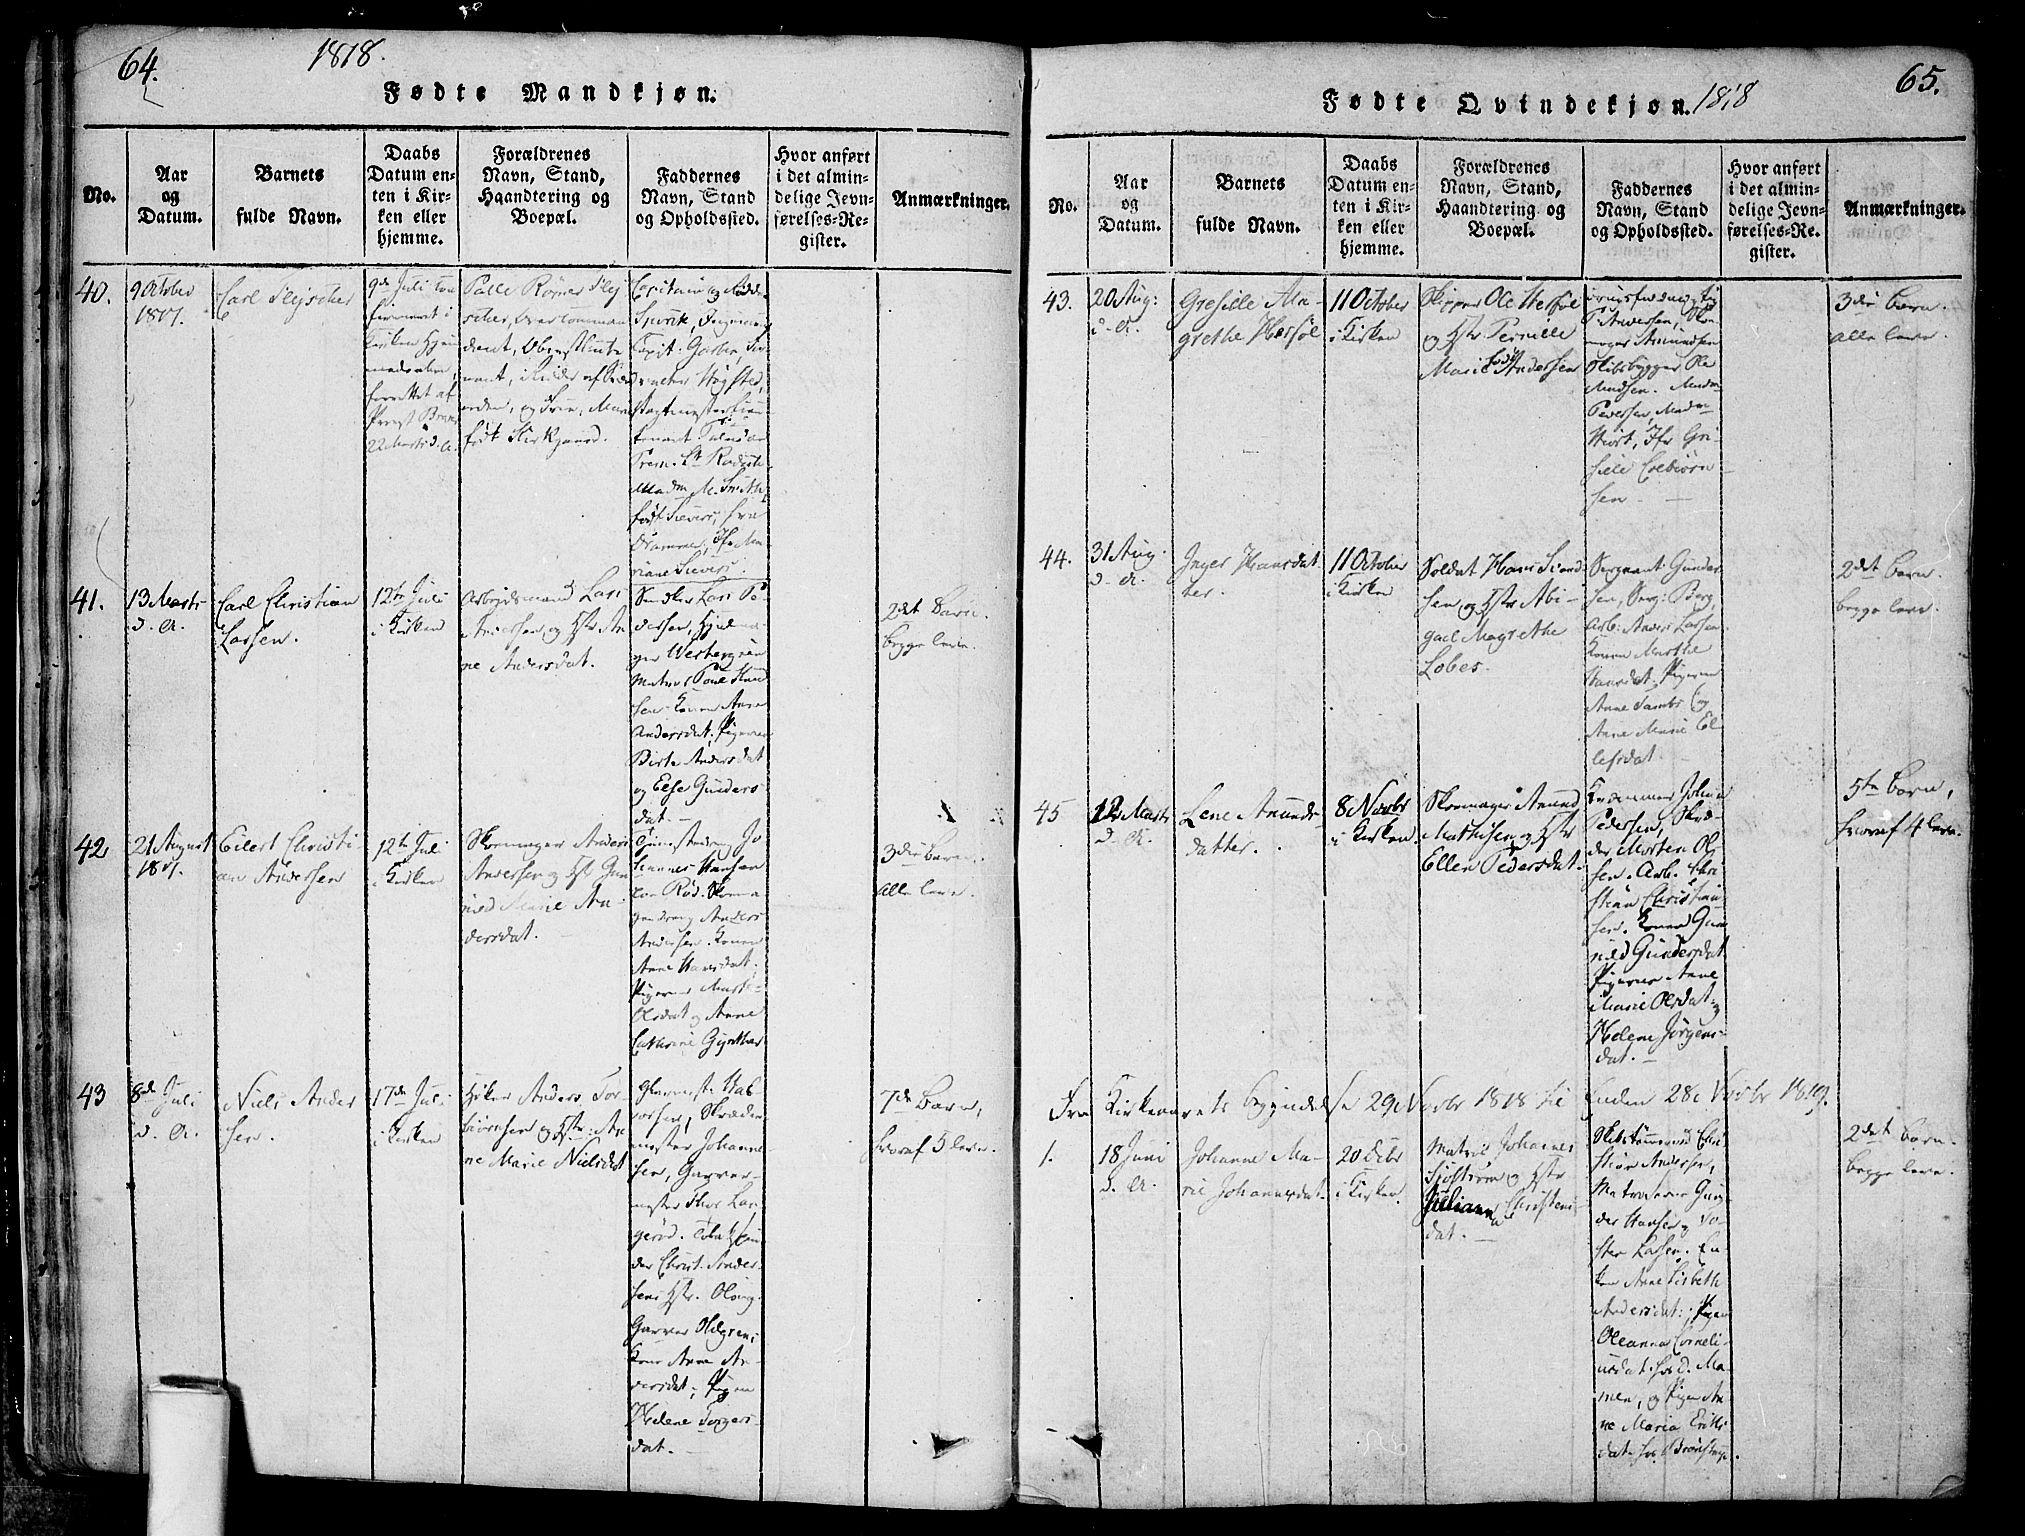 SAO, Halden prestekontor Kirkebøker, F/Fa/L0003: Ministerialbok nr. I 3, 1815-1834, s. 64-65